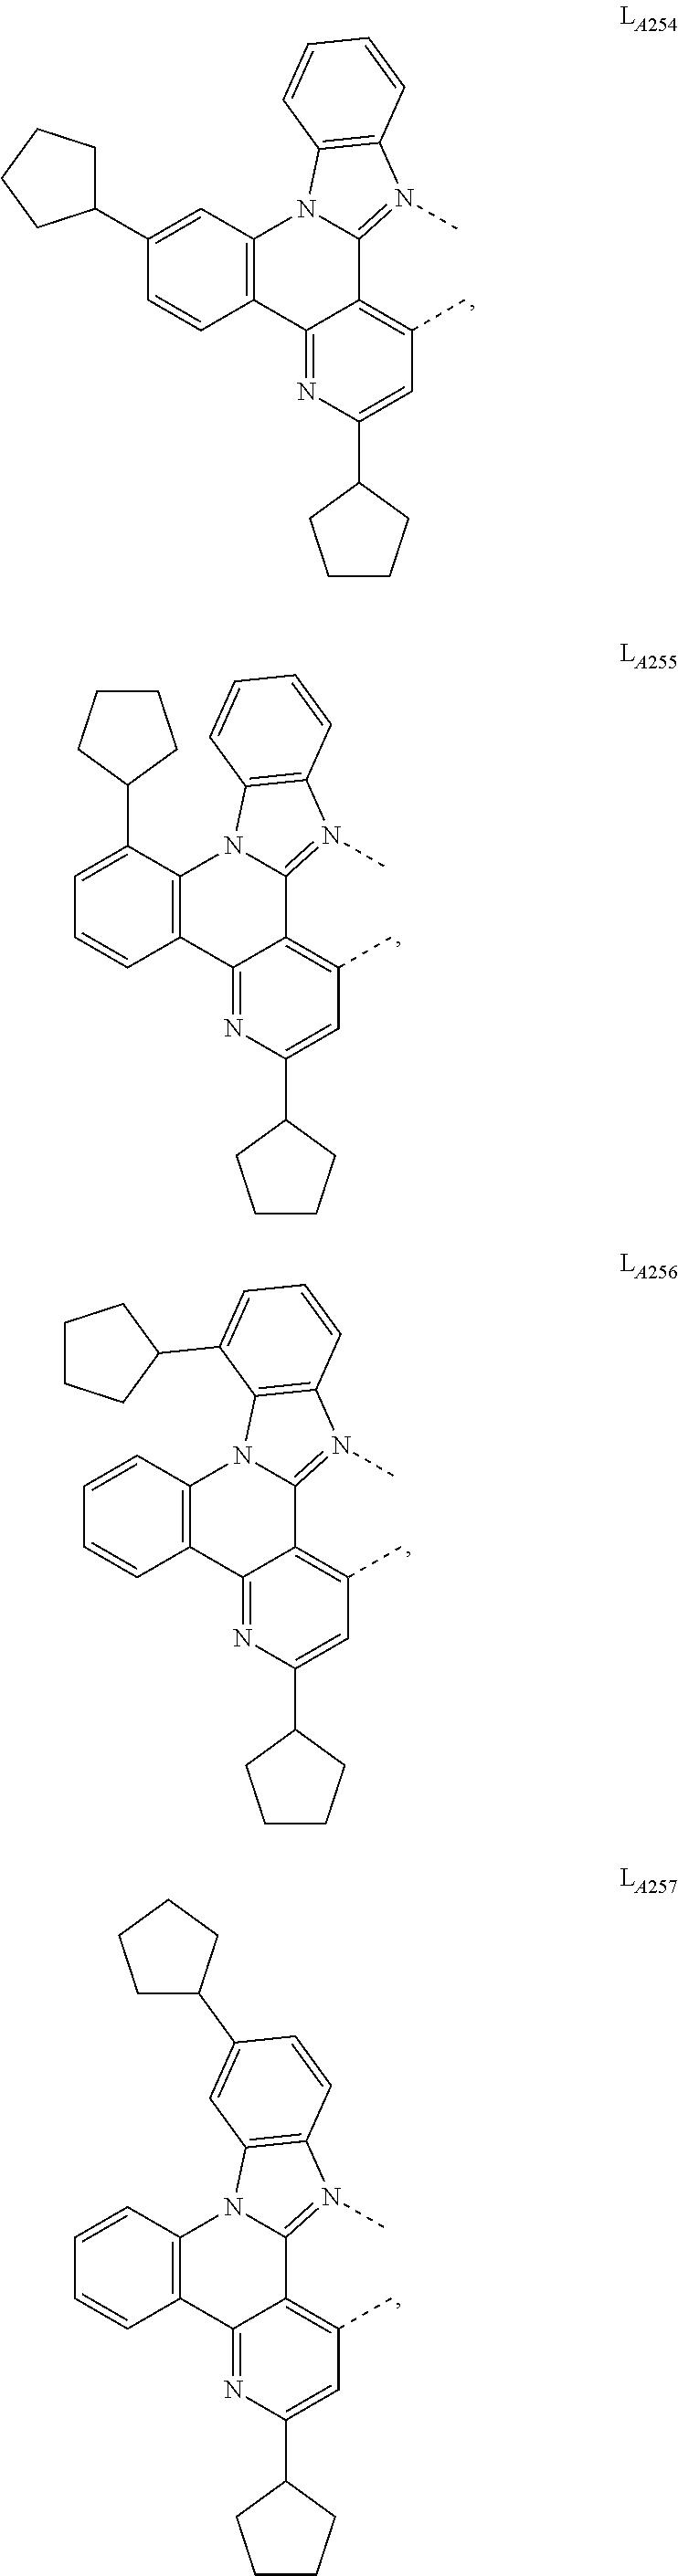 Figure US09905785-20180227-C00084